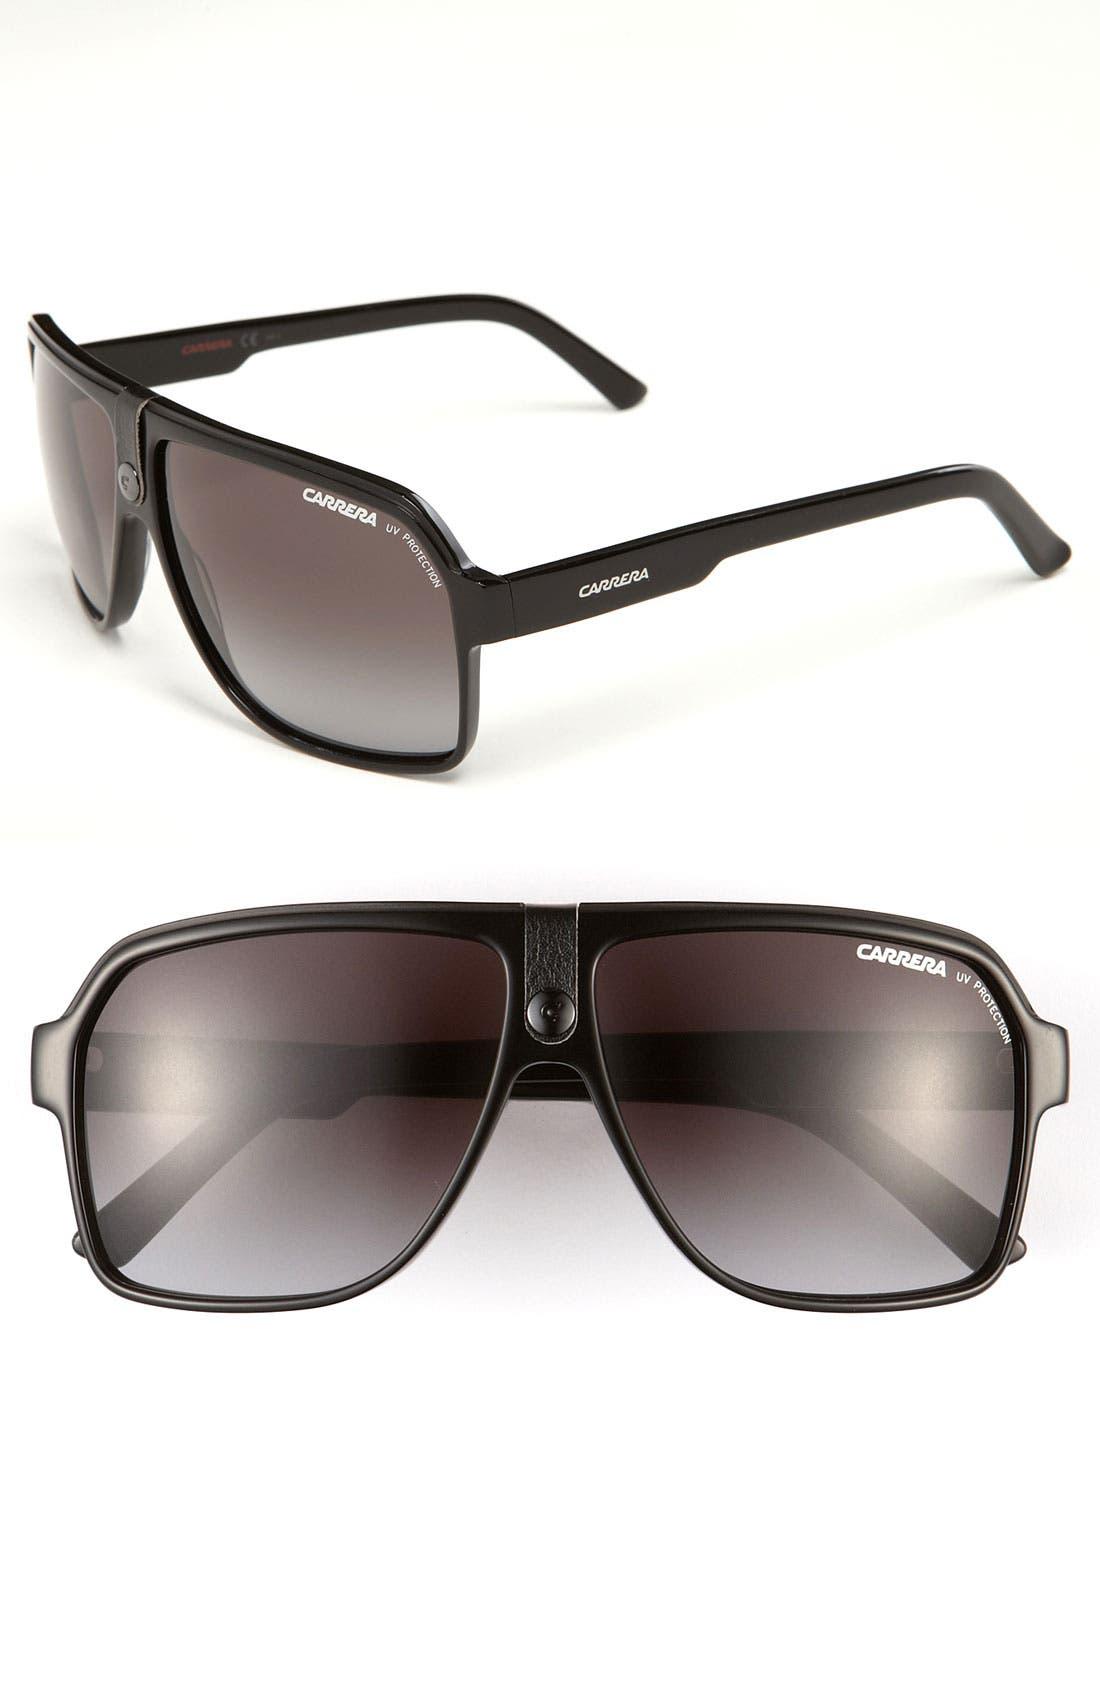 Sunglasses Carrera Nordstrom Carrera Nordstrom Sunglasses Nordstrom Sunglasses Sunglasses Carrera Nordstrom Sunglasses Carrera Sunglasses Carrera Nordstrom Carrera fAzax4